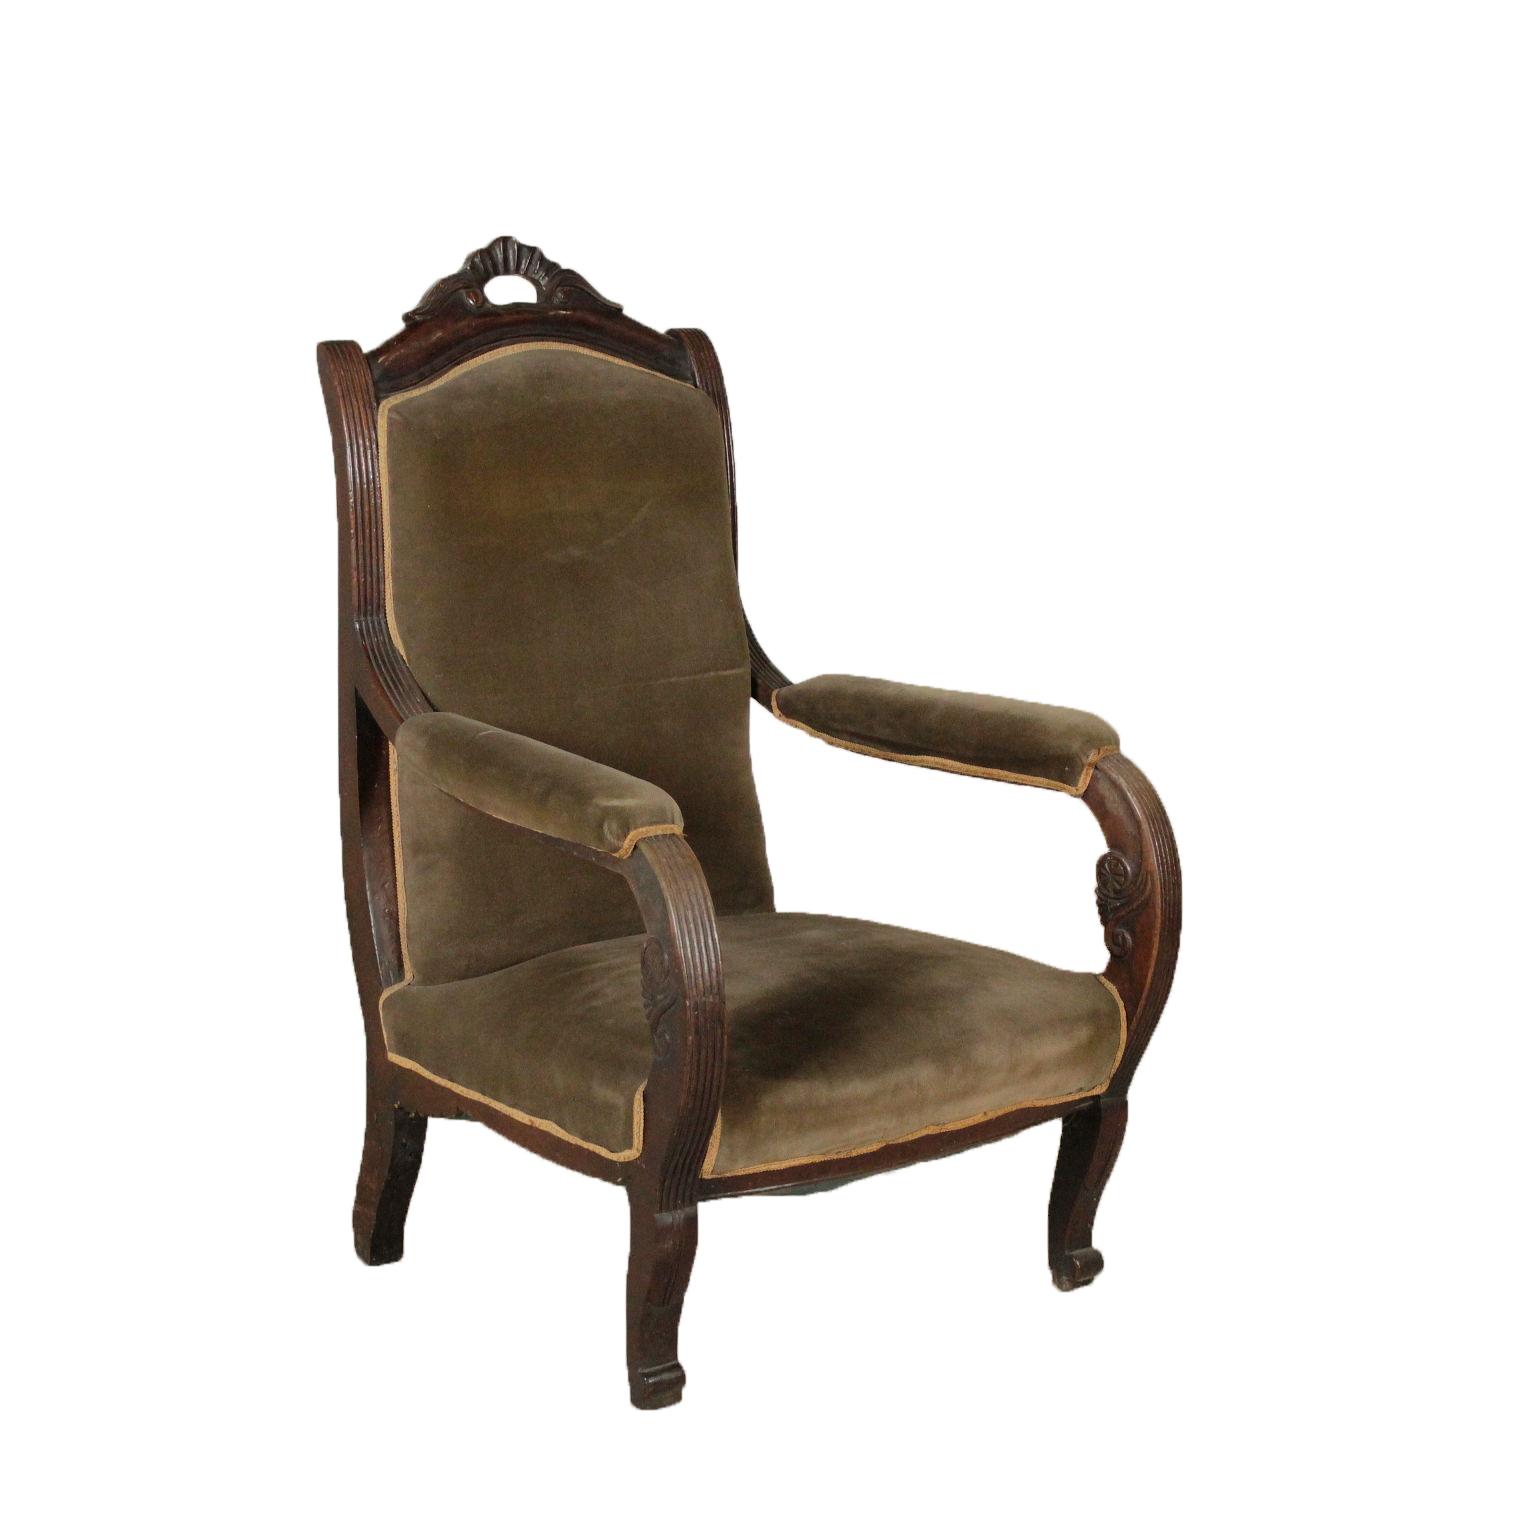 Poltrona restaurazione sedie poltrone divani for Sedie a poltrona